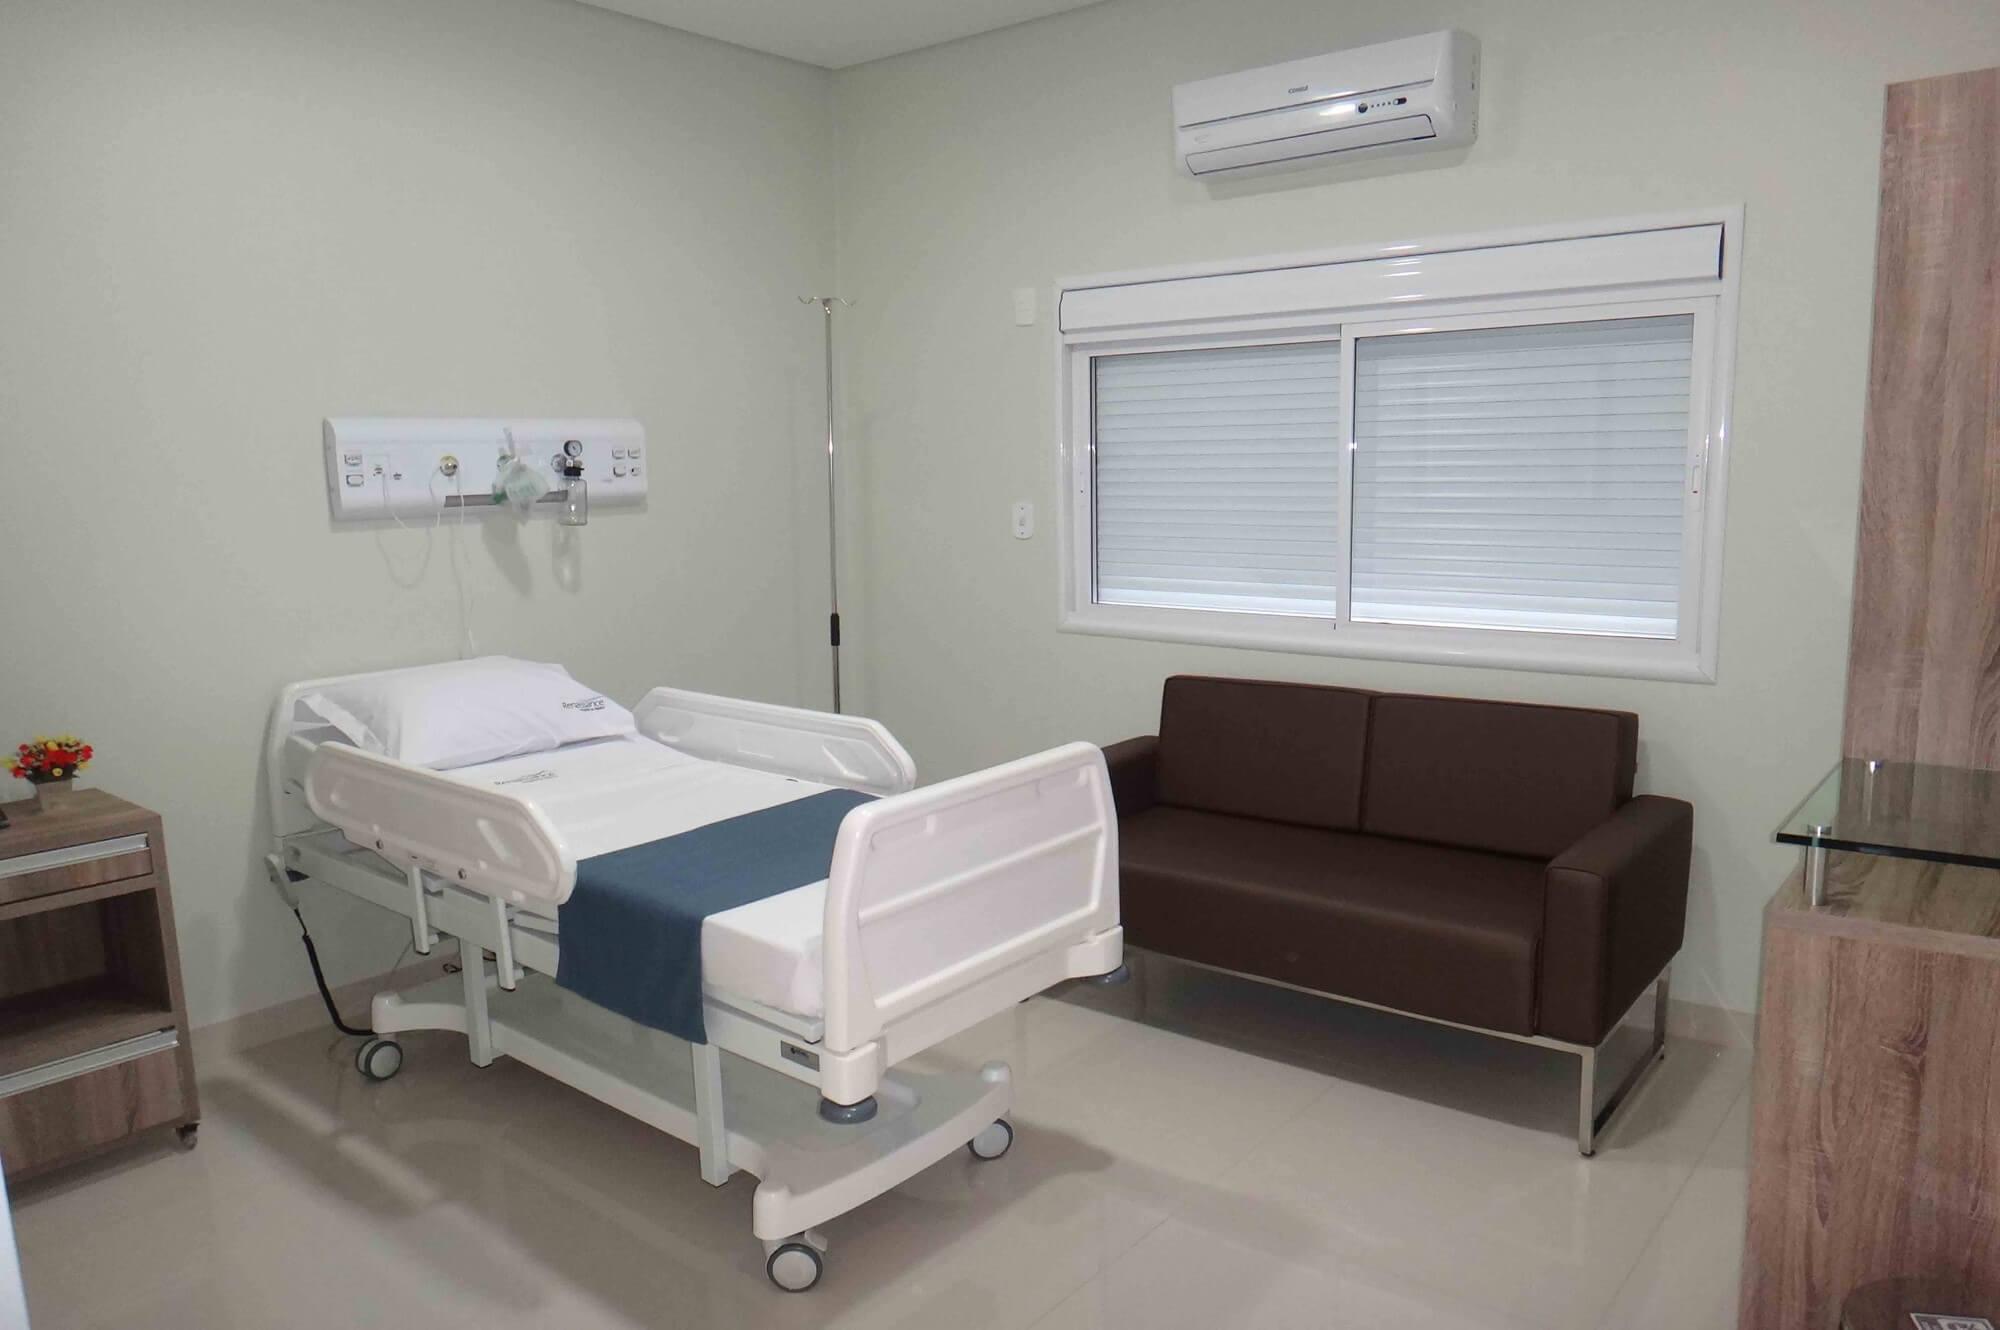 Quarto para repouso - Hospital da Plástica